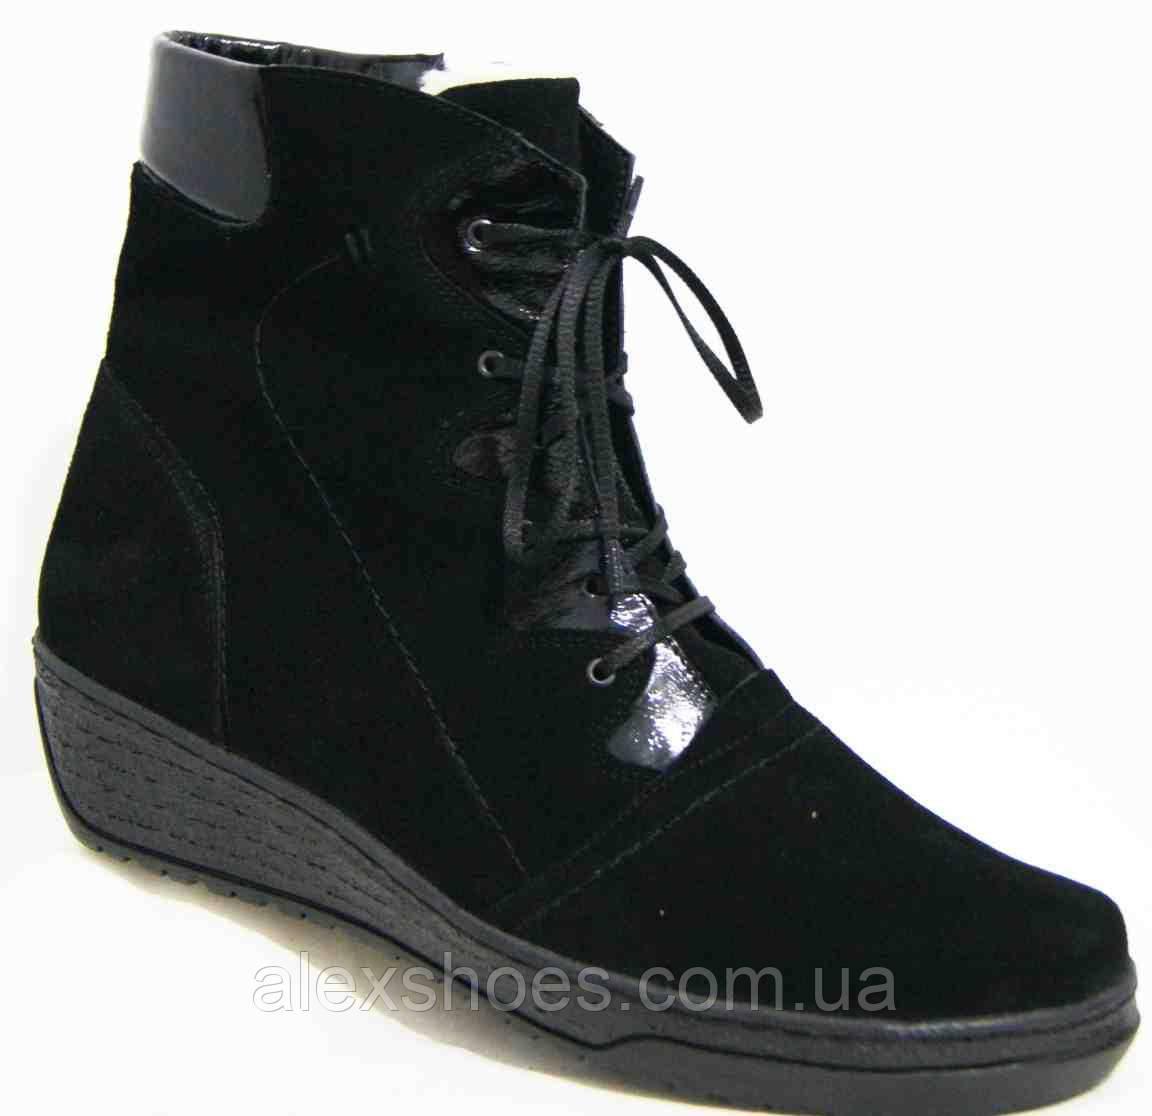 Ботинки женские зимние из натуральной замши большого размера от производителя модель В5168